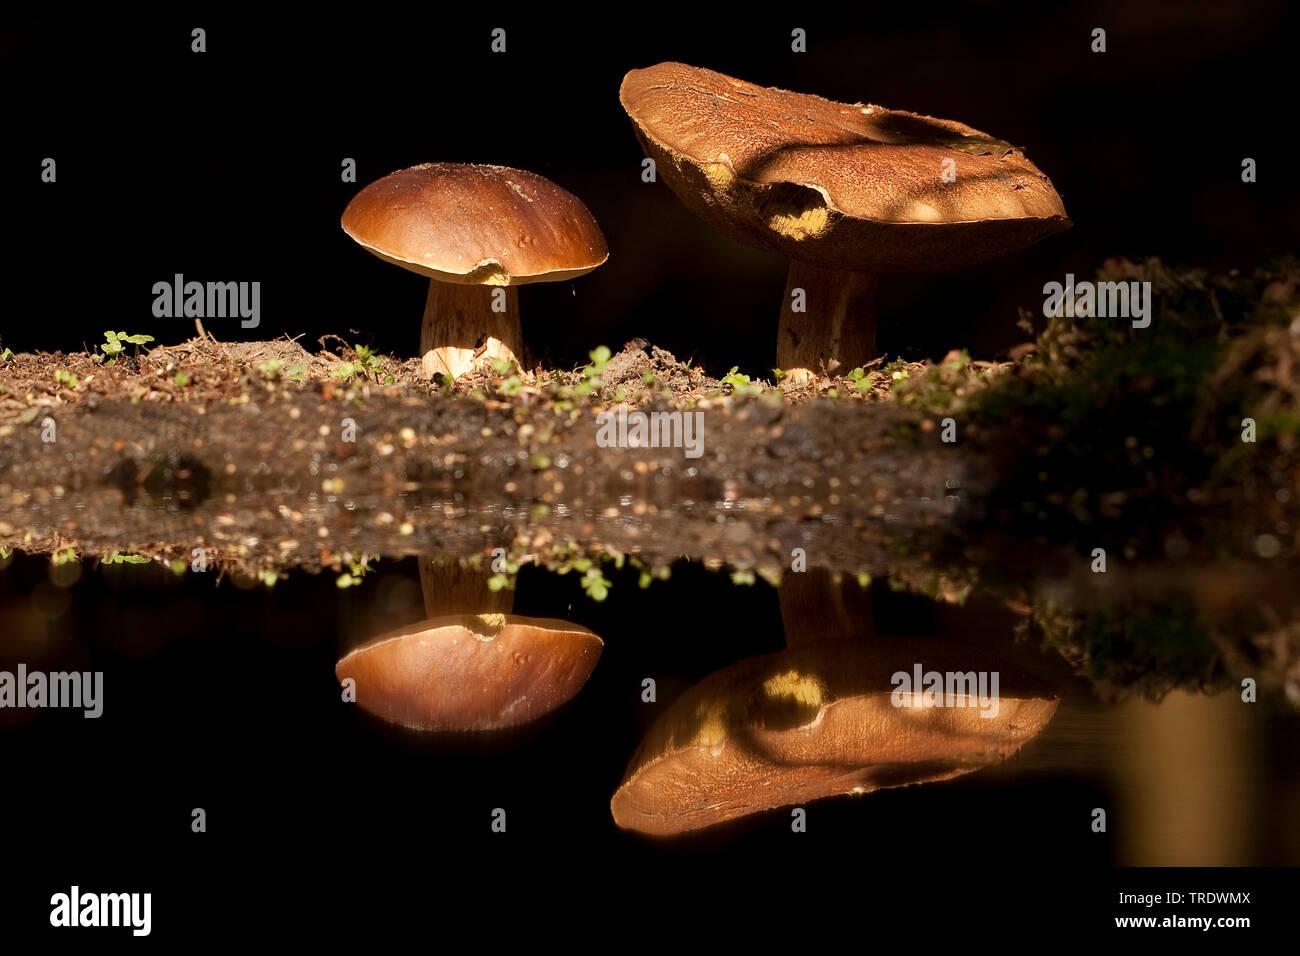 Steinpilz, Stein-Pilz, Fichten-Steinpilz, Fichtensteinpilz, Edelpilz, Edel-Pilz, Herrenpilz, Herren-Pilz (Boletus edulis), Niederlande, Overijssel   P - Stock Image